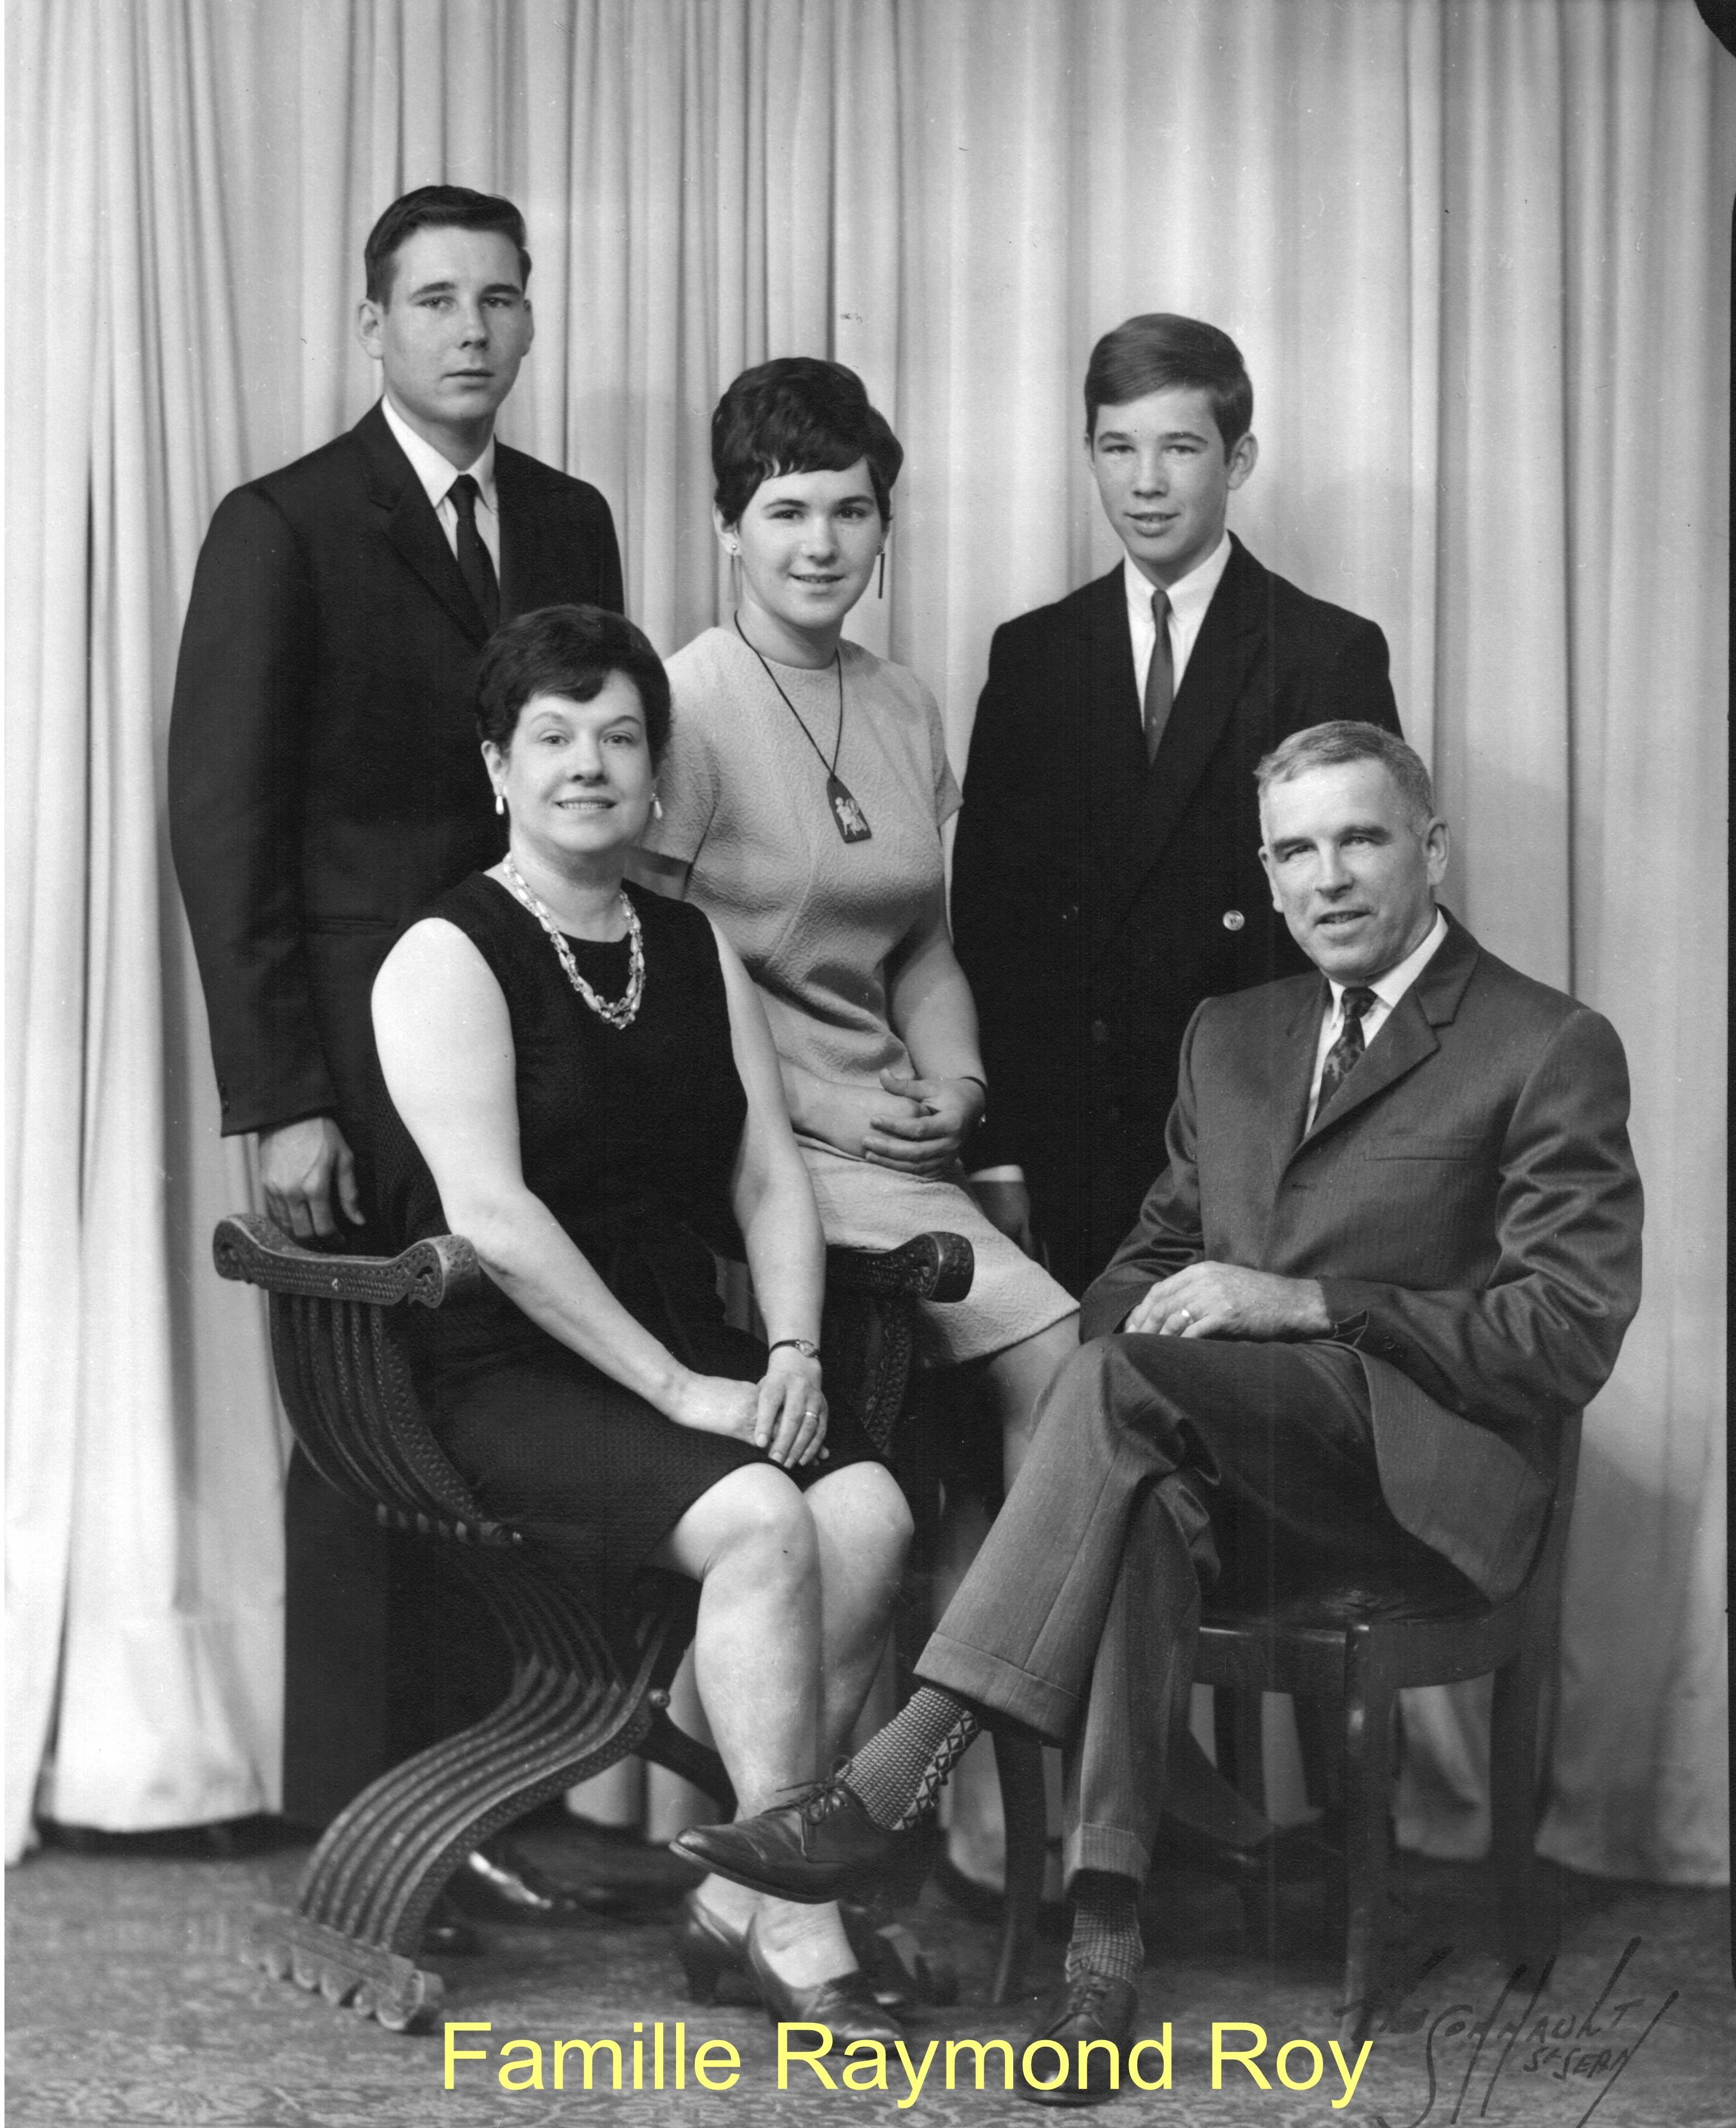 Famille Raymond Roy